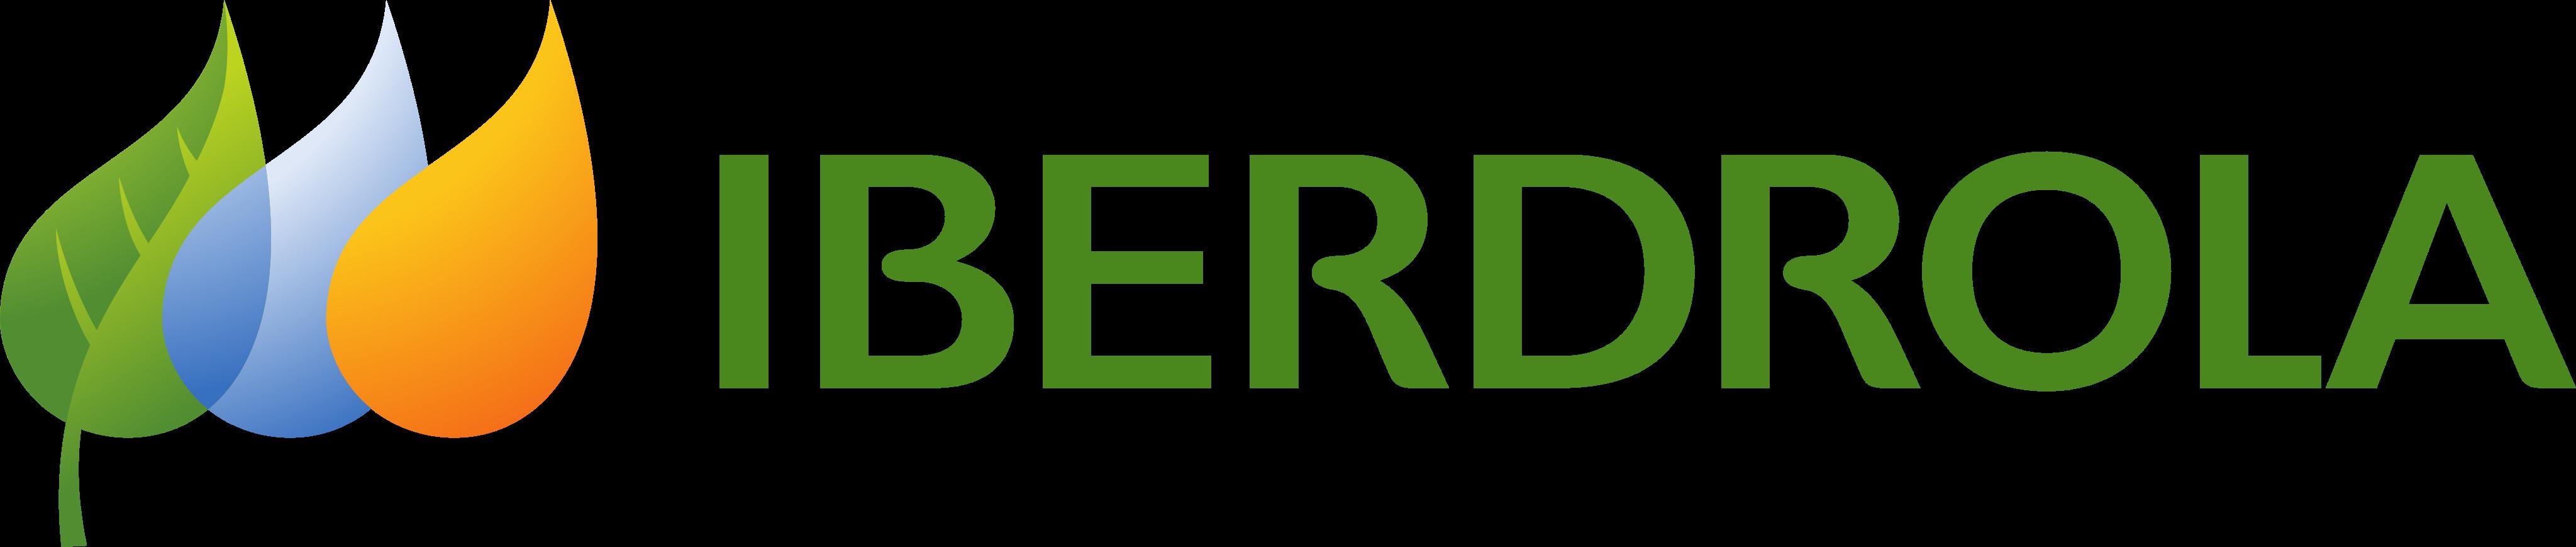 Iberdrola logo - Iberdrola Logo